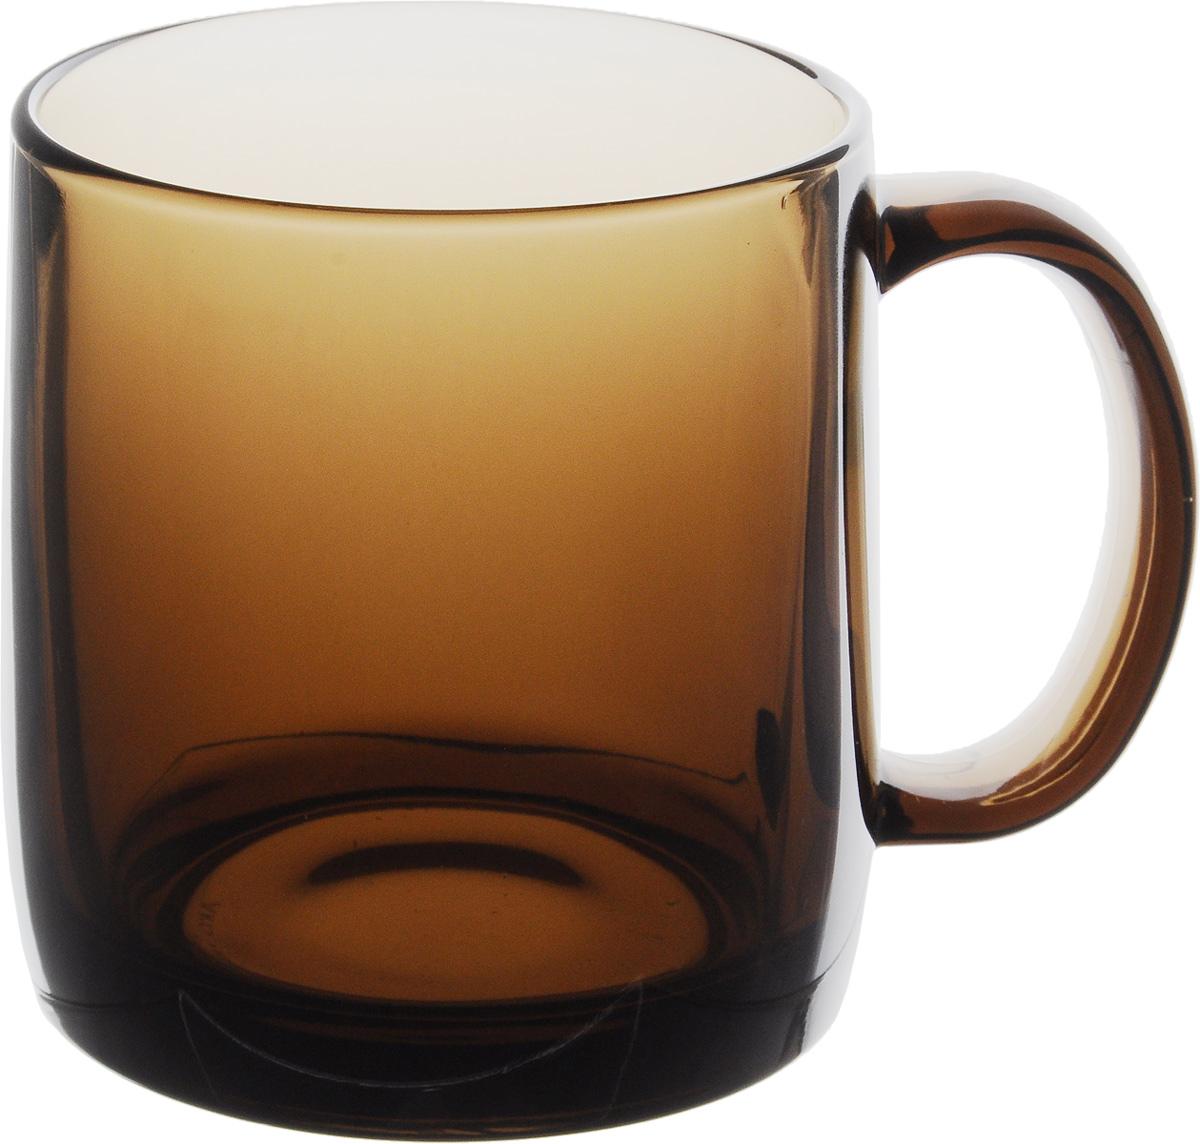 Кружка Luminarc Нордик Эклипс, 380 млH0253_темное стеклоКружка Luminarc Нордик Эклипс, изготовленная из прочного темного стекла, прекрасно подойдет для подачи горячих и холодных напитков. Она дополнит коллекцию вашей кухонной посуды и будет служить долгие годы. Диаметр кружки (по верхнему краю): 8 см. Высота стакана: 9,5 см.